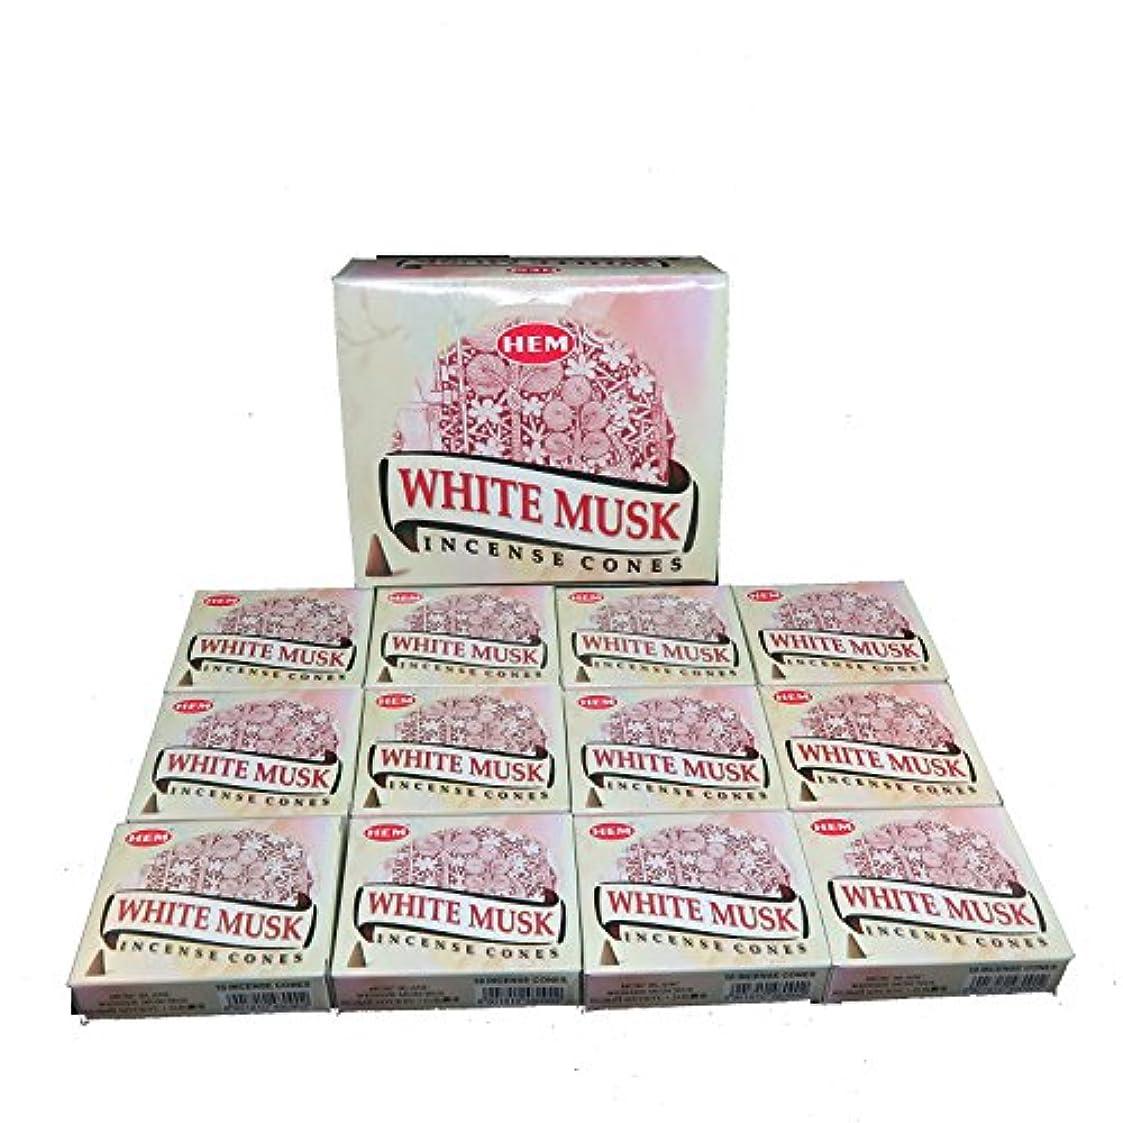 検索エンジン最適化きしむ無効HEM ホワイトムスク香 コーンタイプ 12ケース(1ケース10個入り)White musk